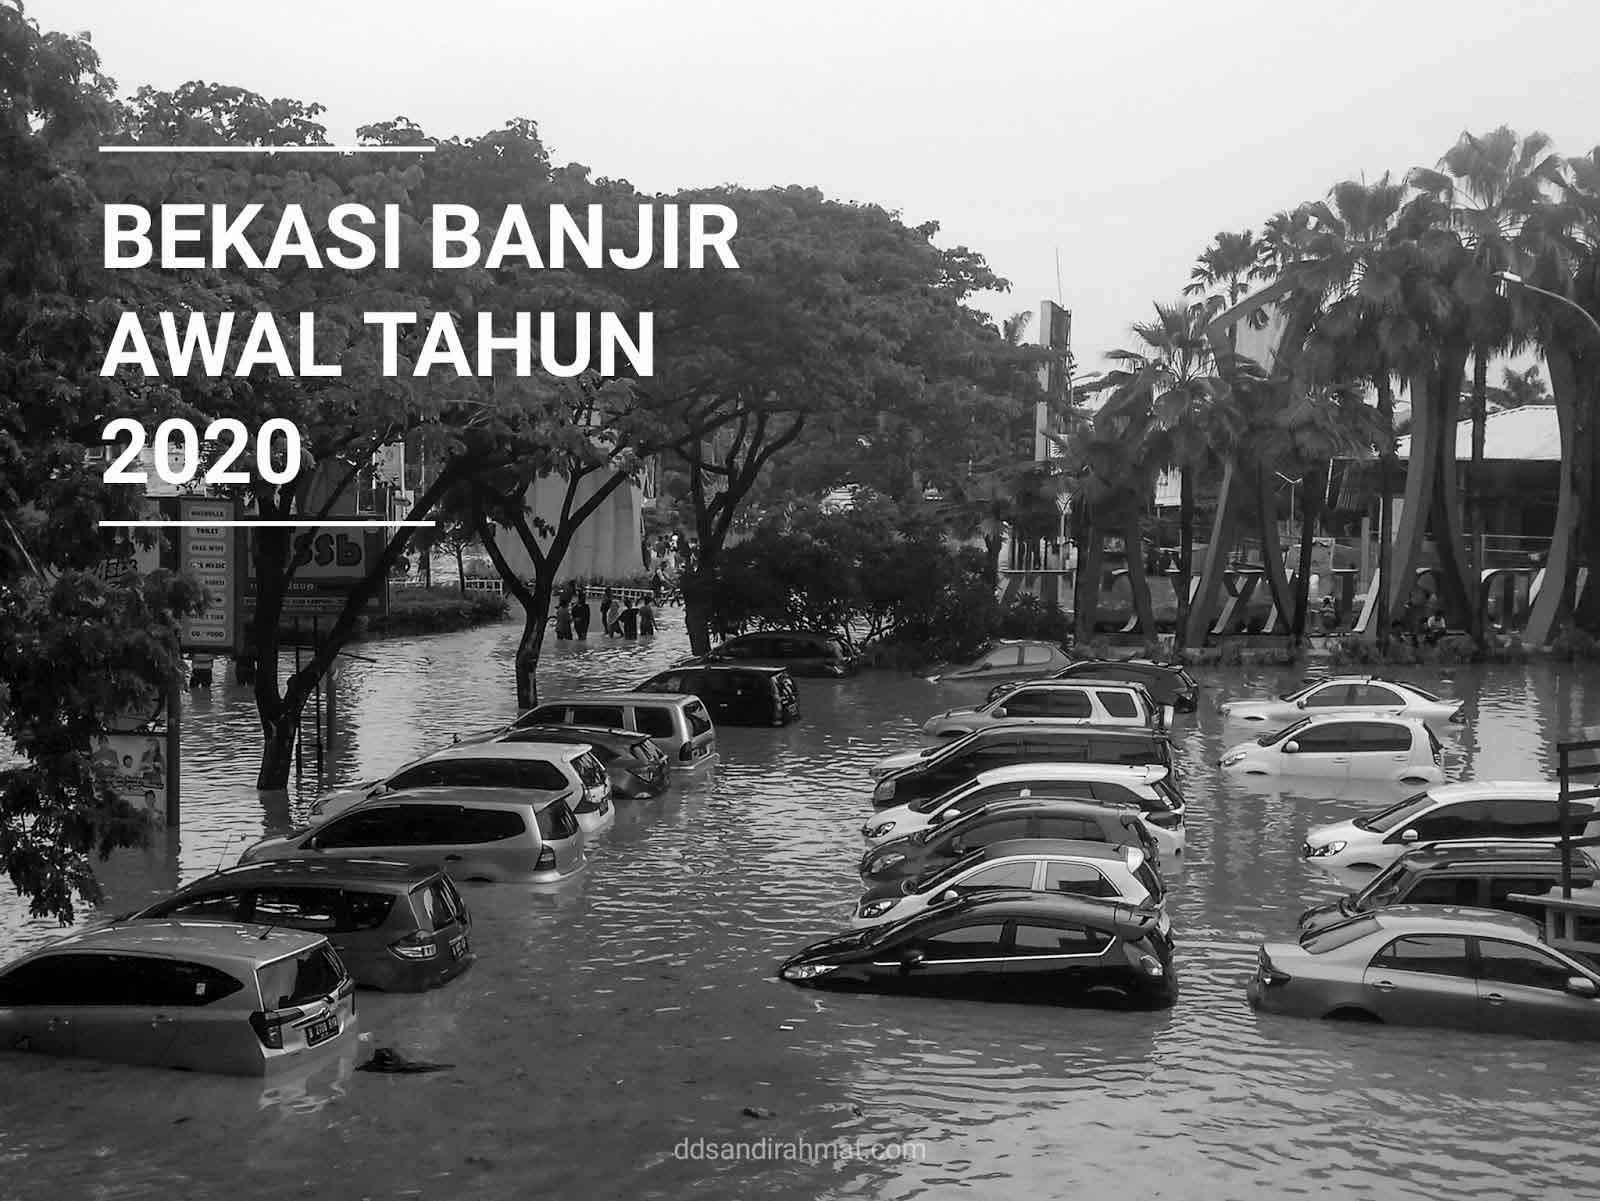 2020 Kenalan sama Banjir di Bekasi